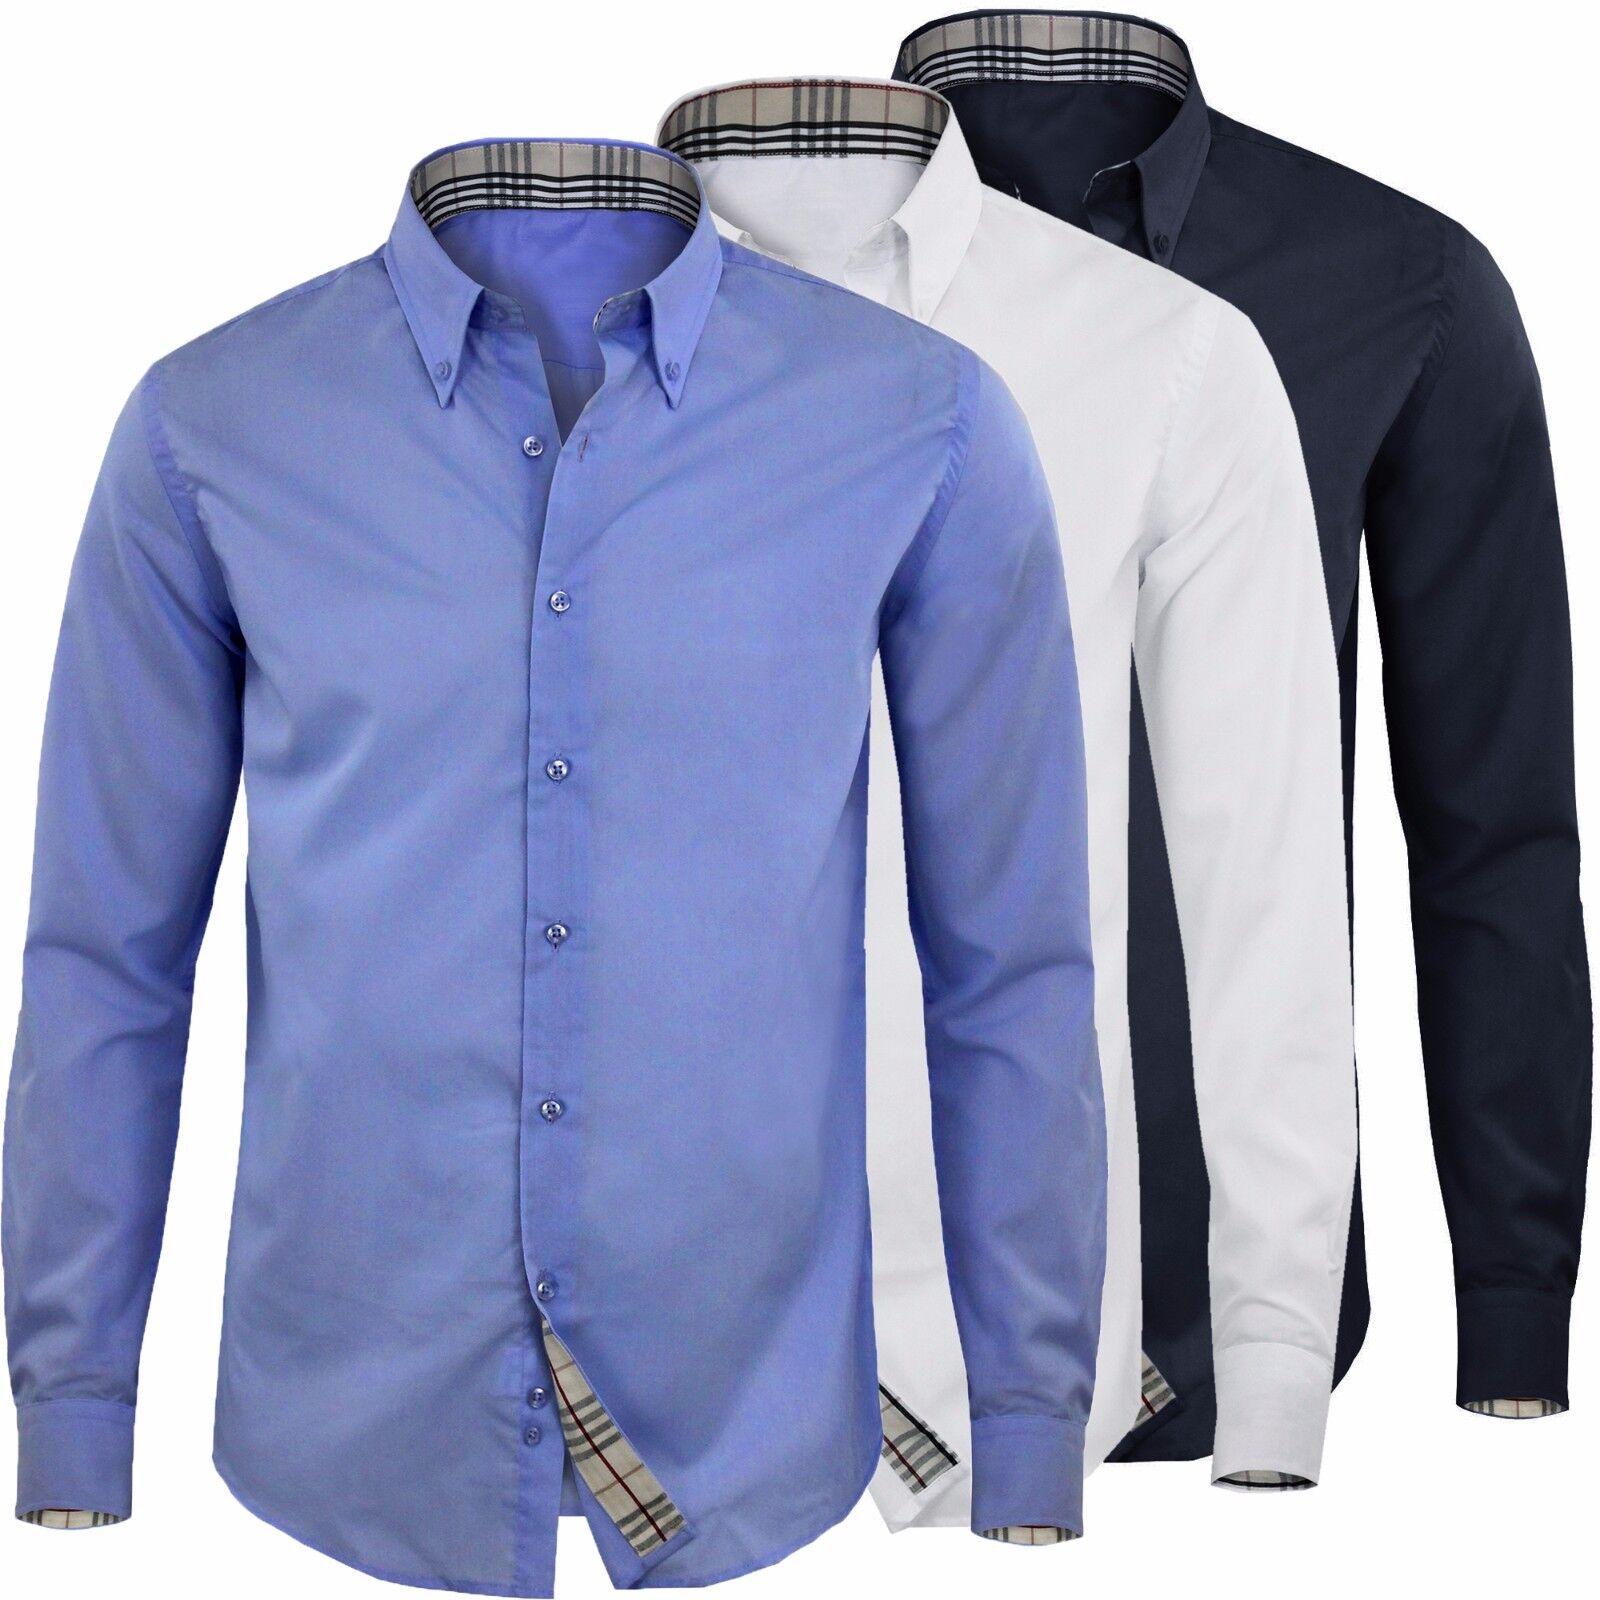 Uomo Camicia Manica Lunga Cotone Comfort Slim Casual Button Down GIROGAMA 2374CL